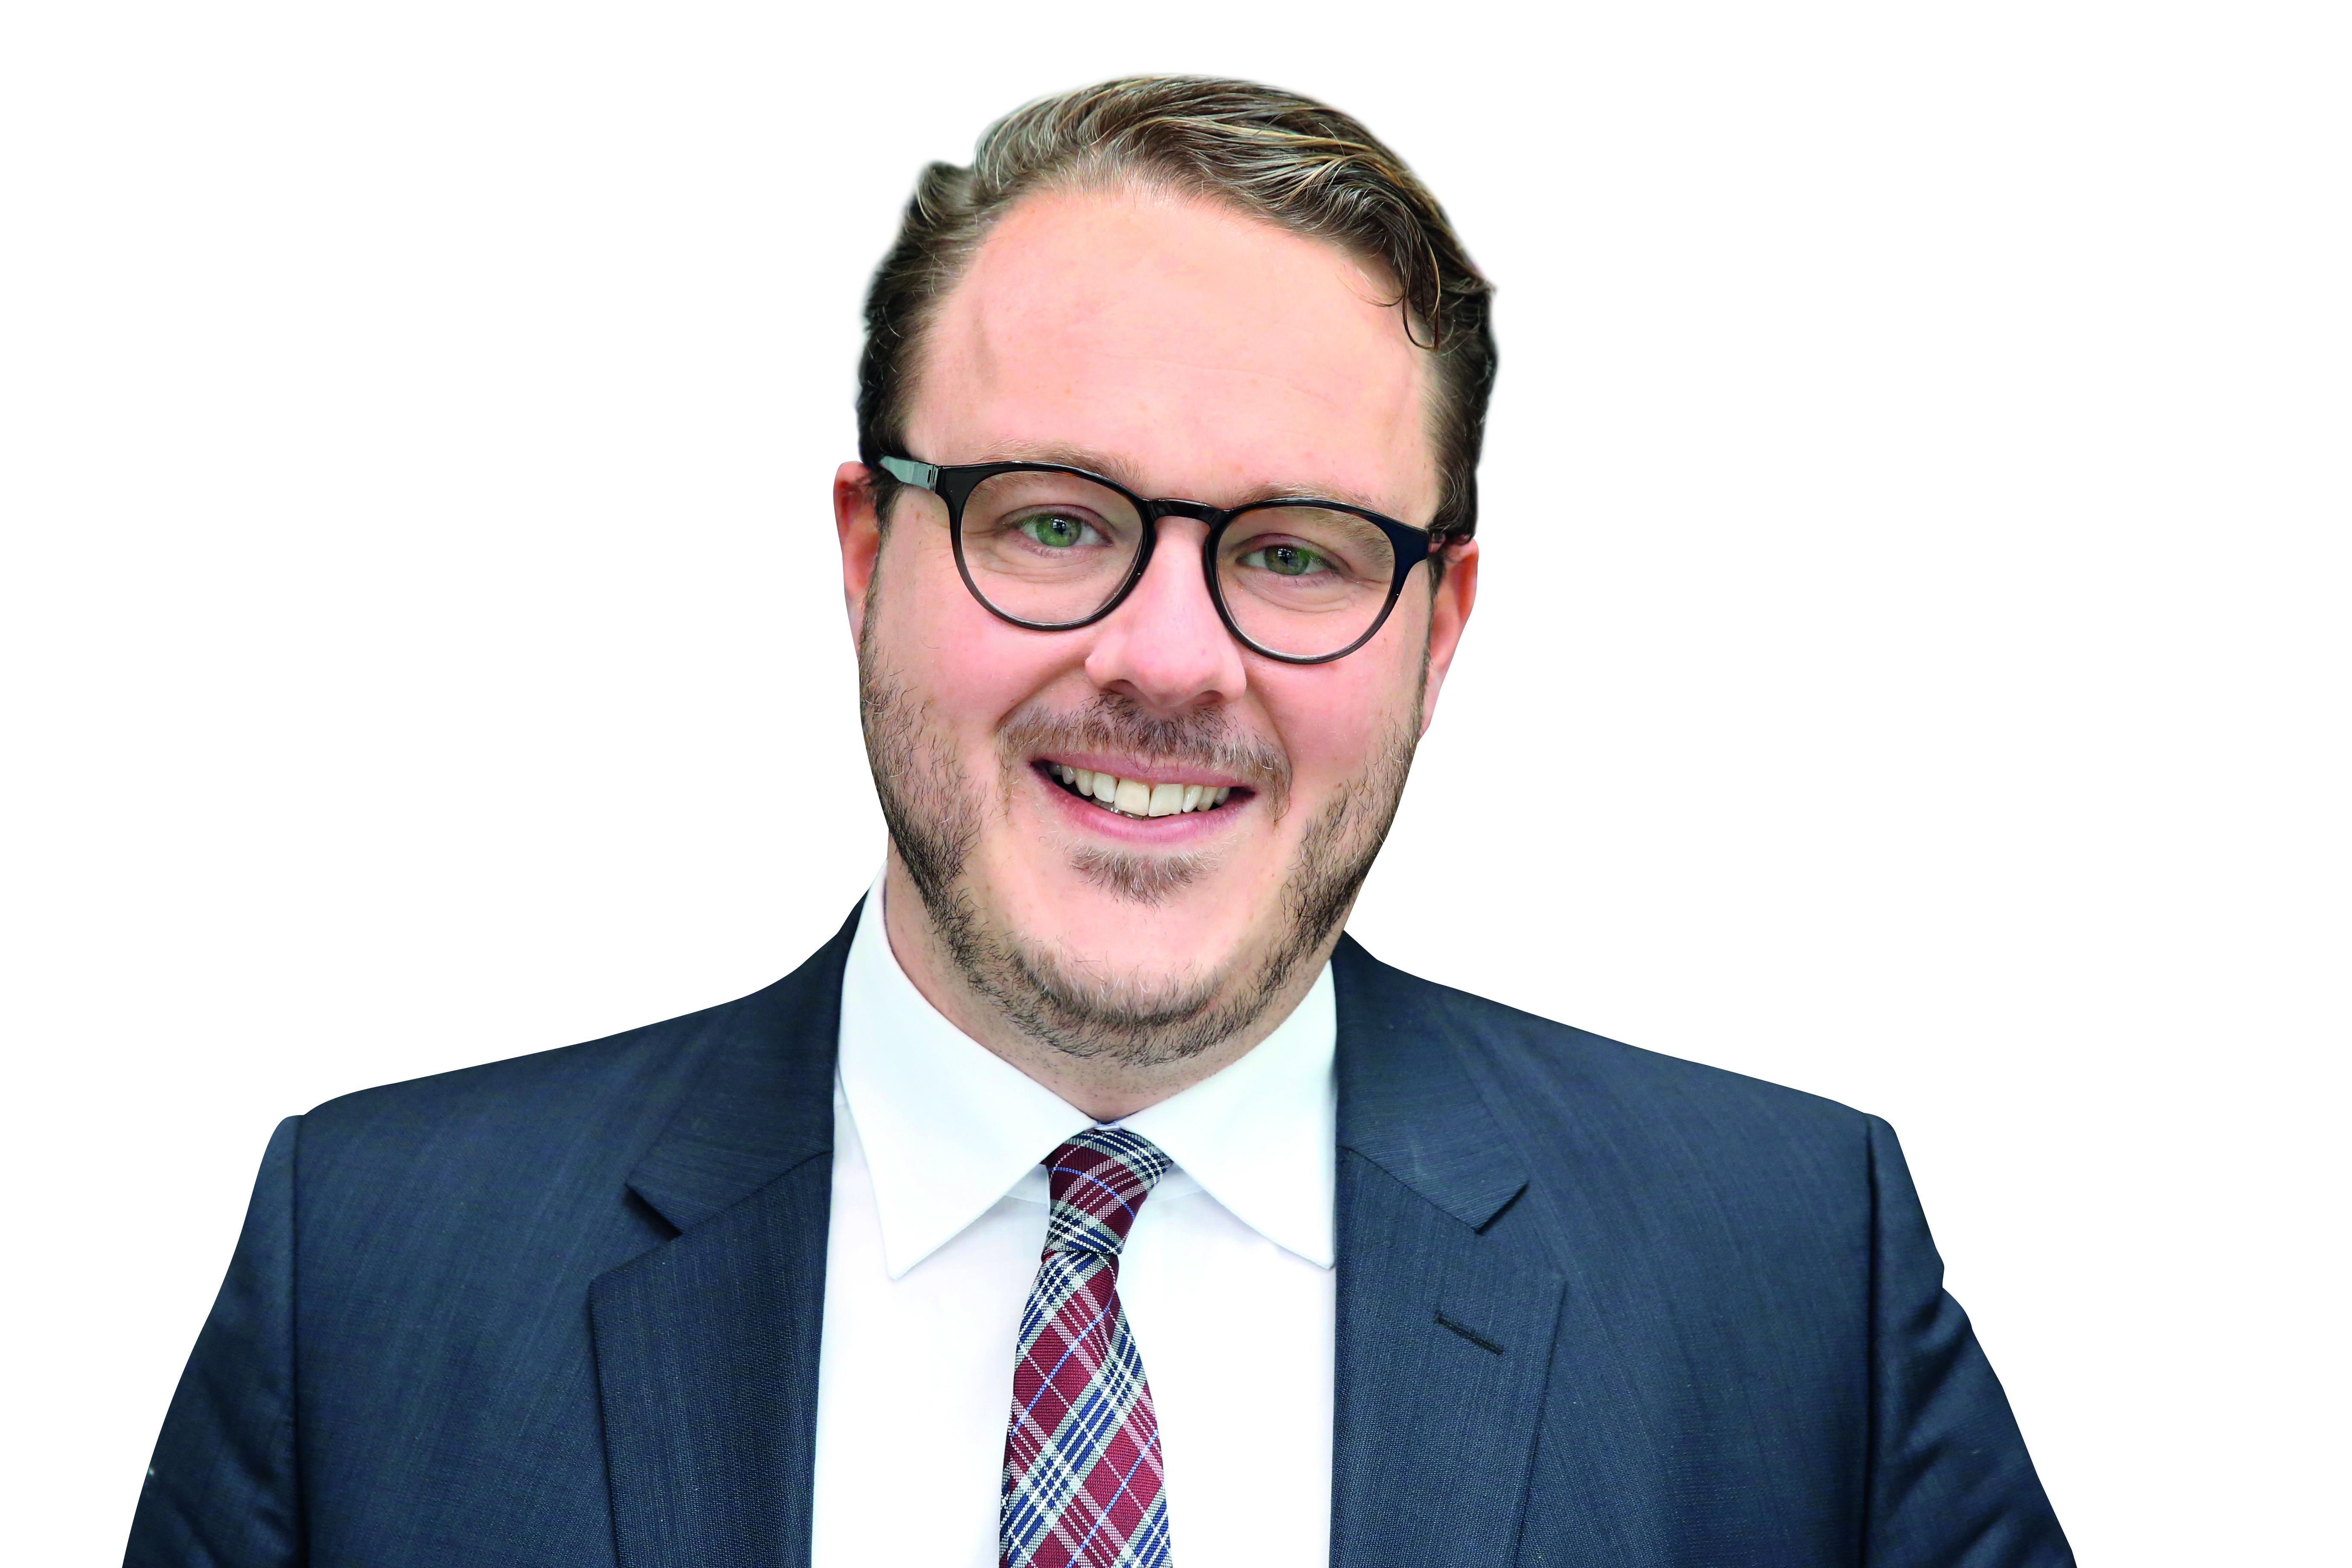 Jan Rettberg spricht über die Zukunft der Verwaltung